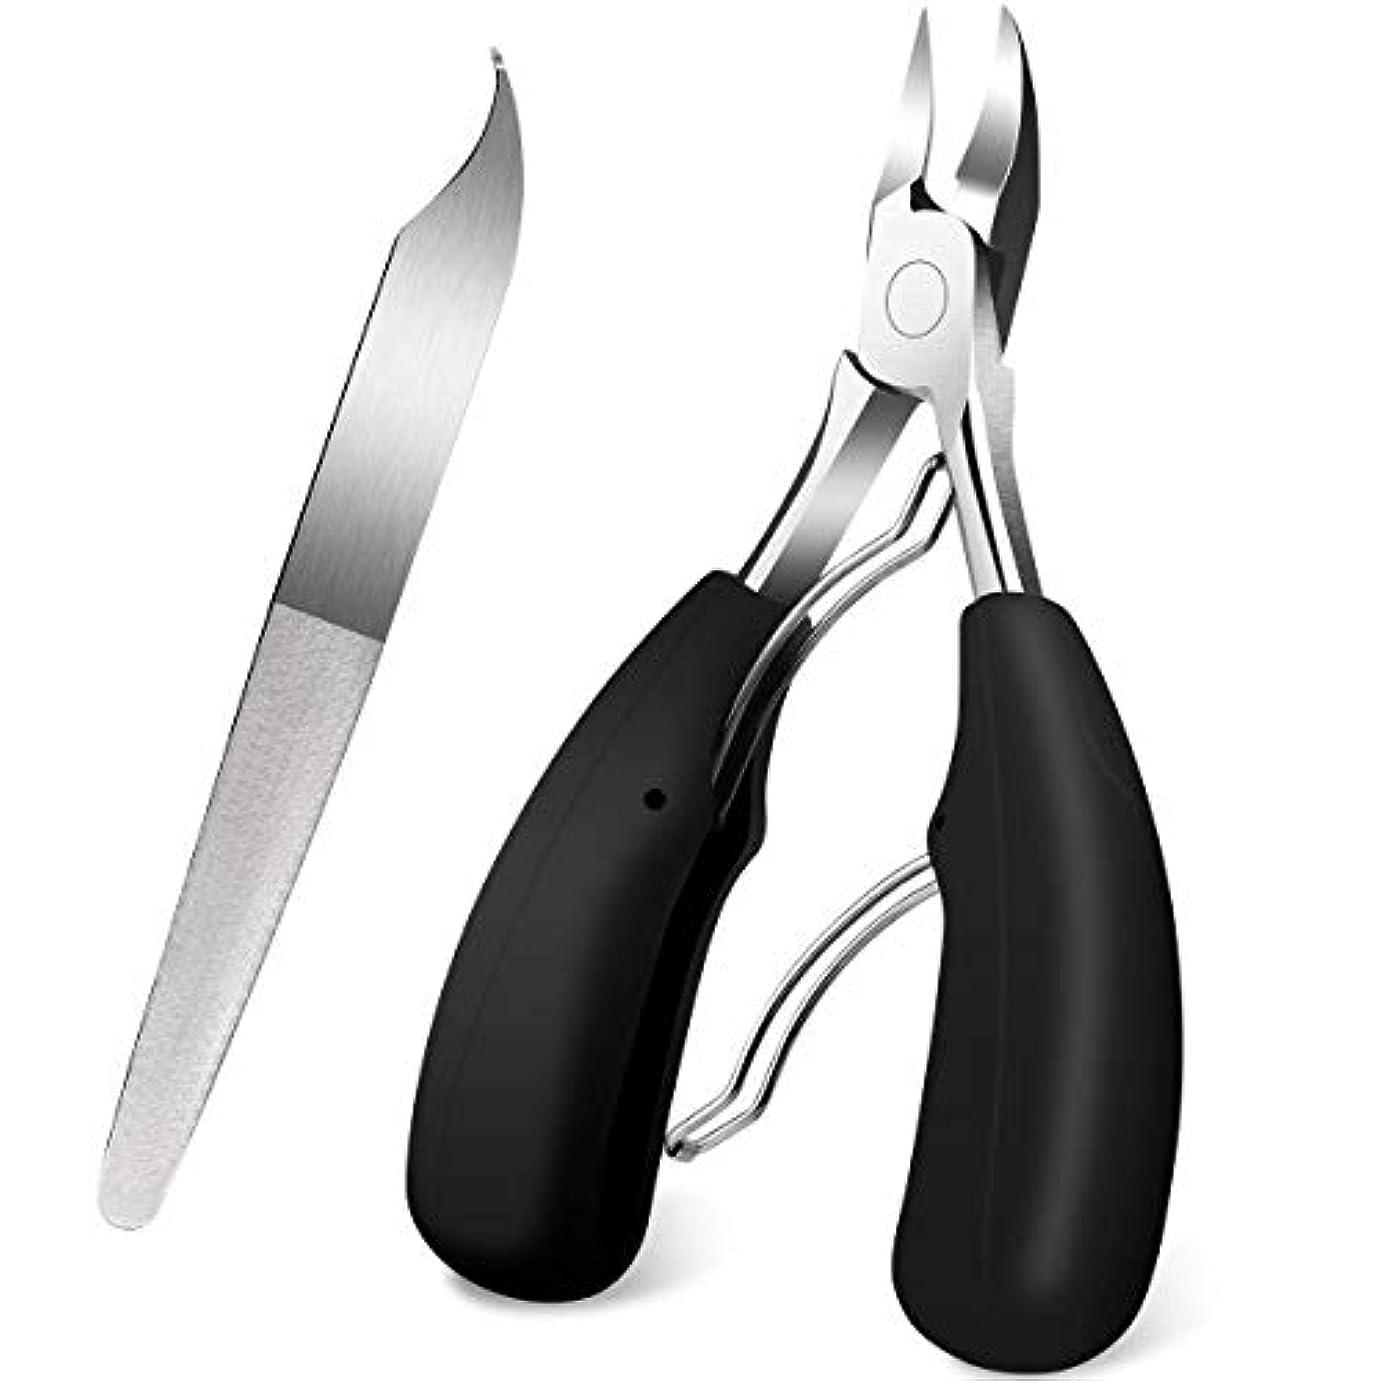 マトン珍しい一部爪切り ニッパー 巻き爪 変形爪 硬い爪 ネイルケア 3way仕様爪やすり 手足兼用 つめきり (2点セット) …